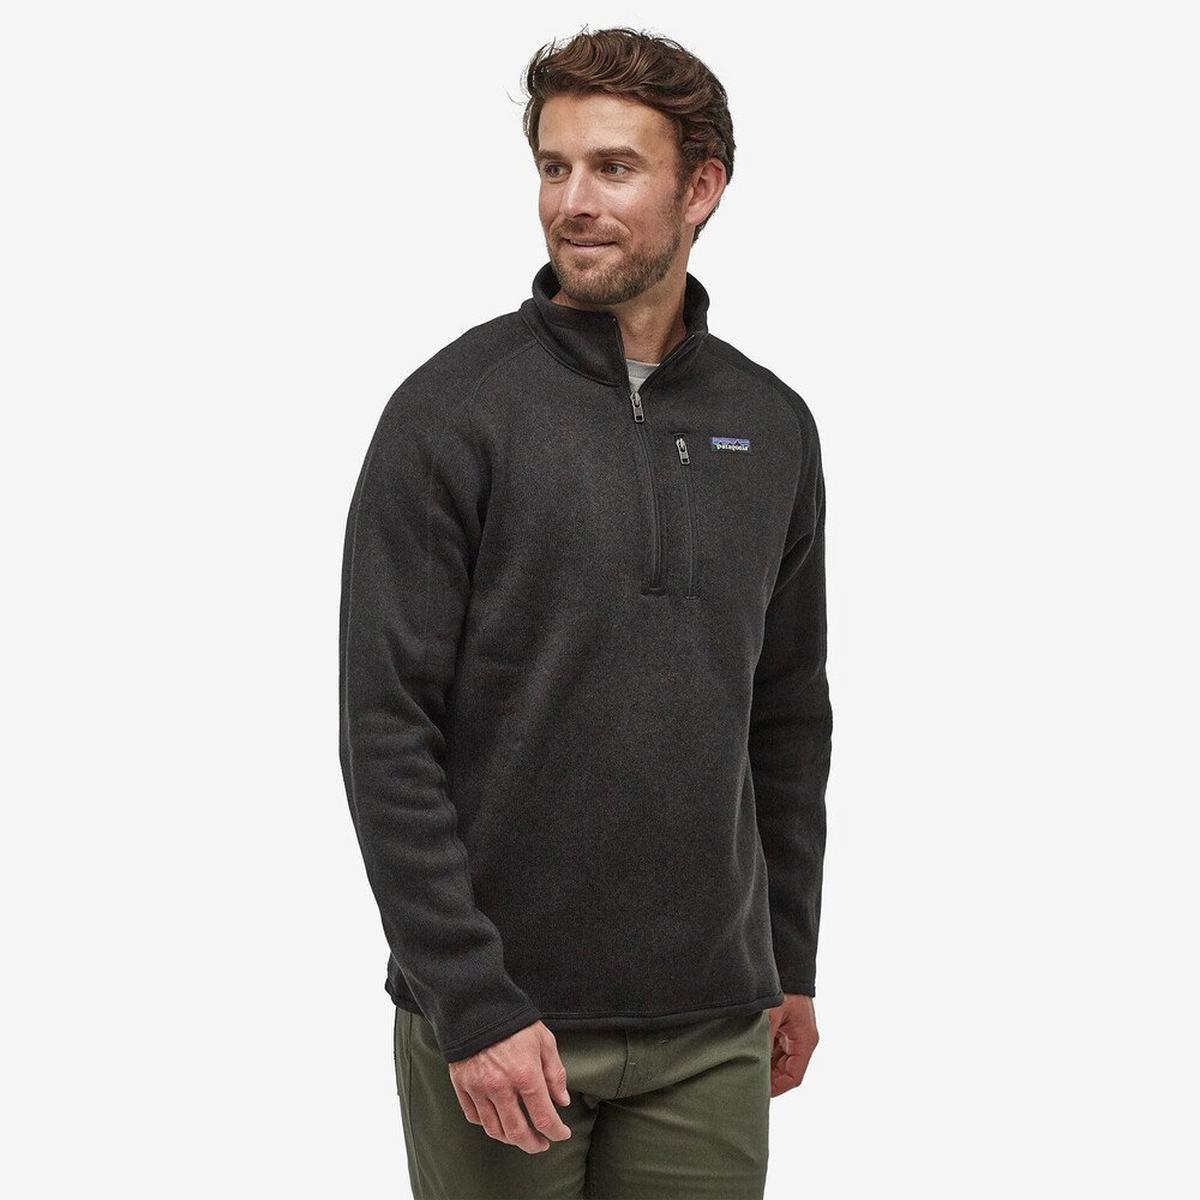 Patagonia Men's Better Sweater 1/4 Zip Fleece - Black